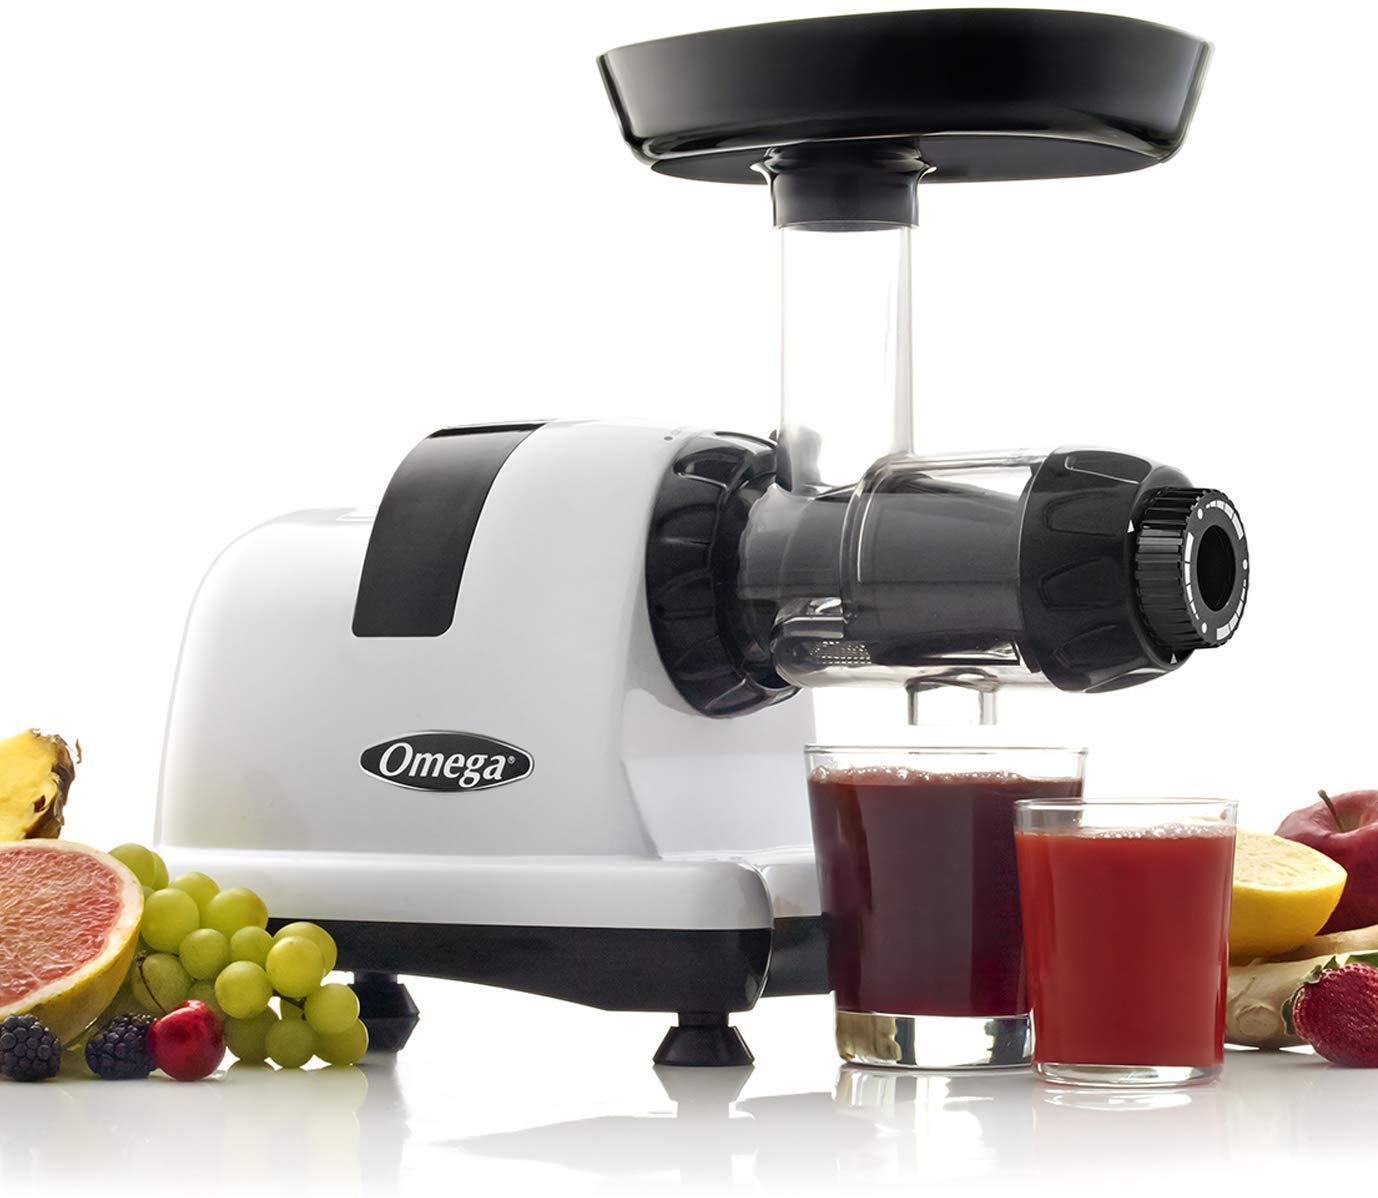 Omega J8006HDS Slow Masticating Juicer